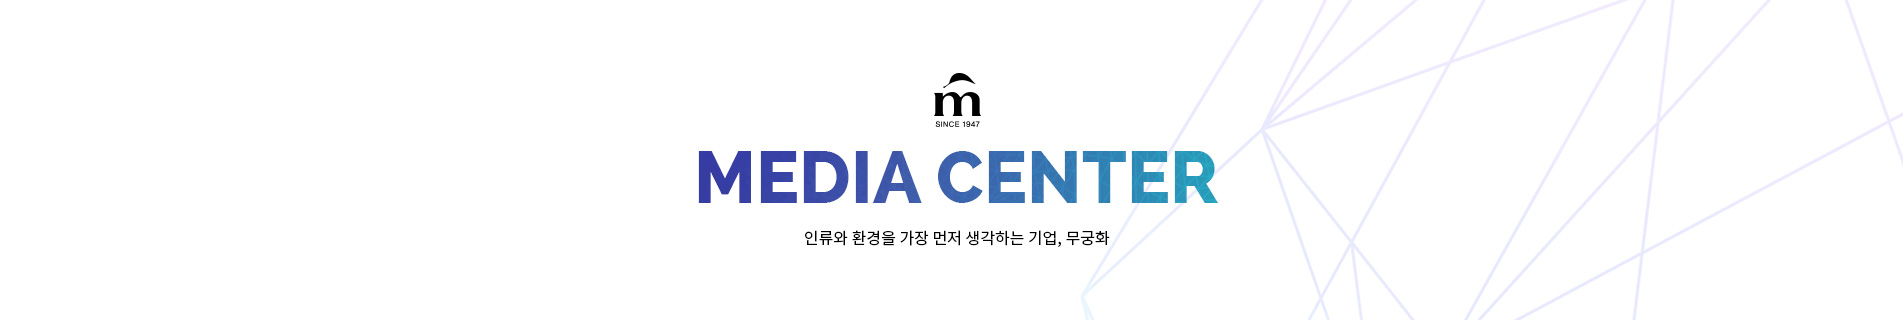 media-center-top